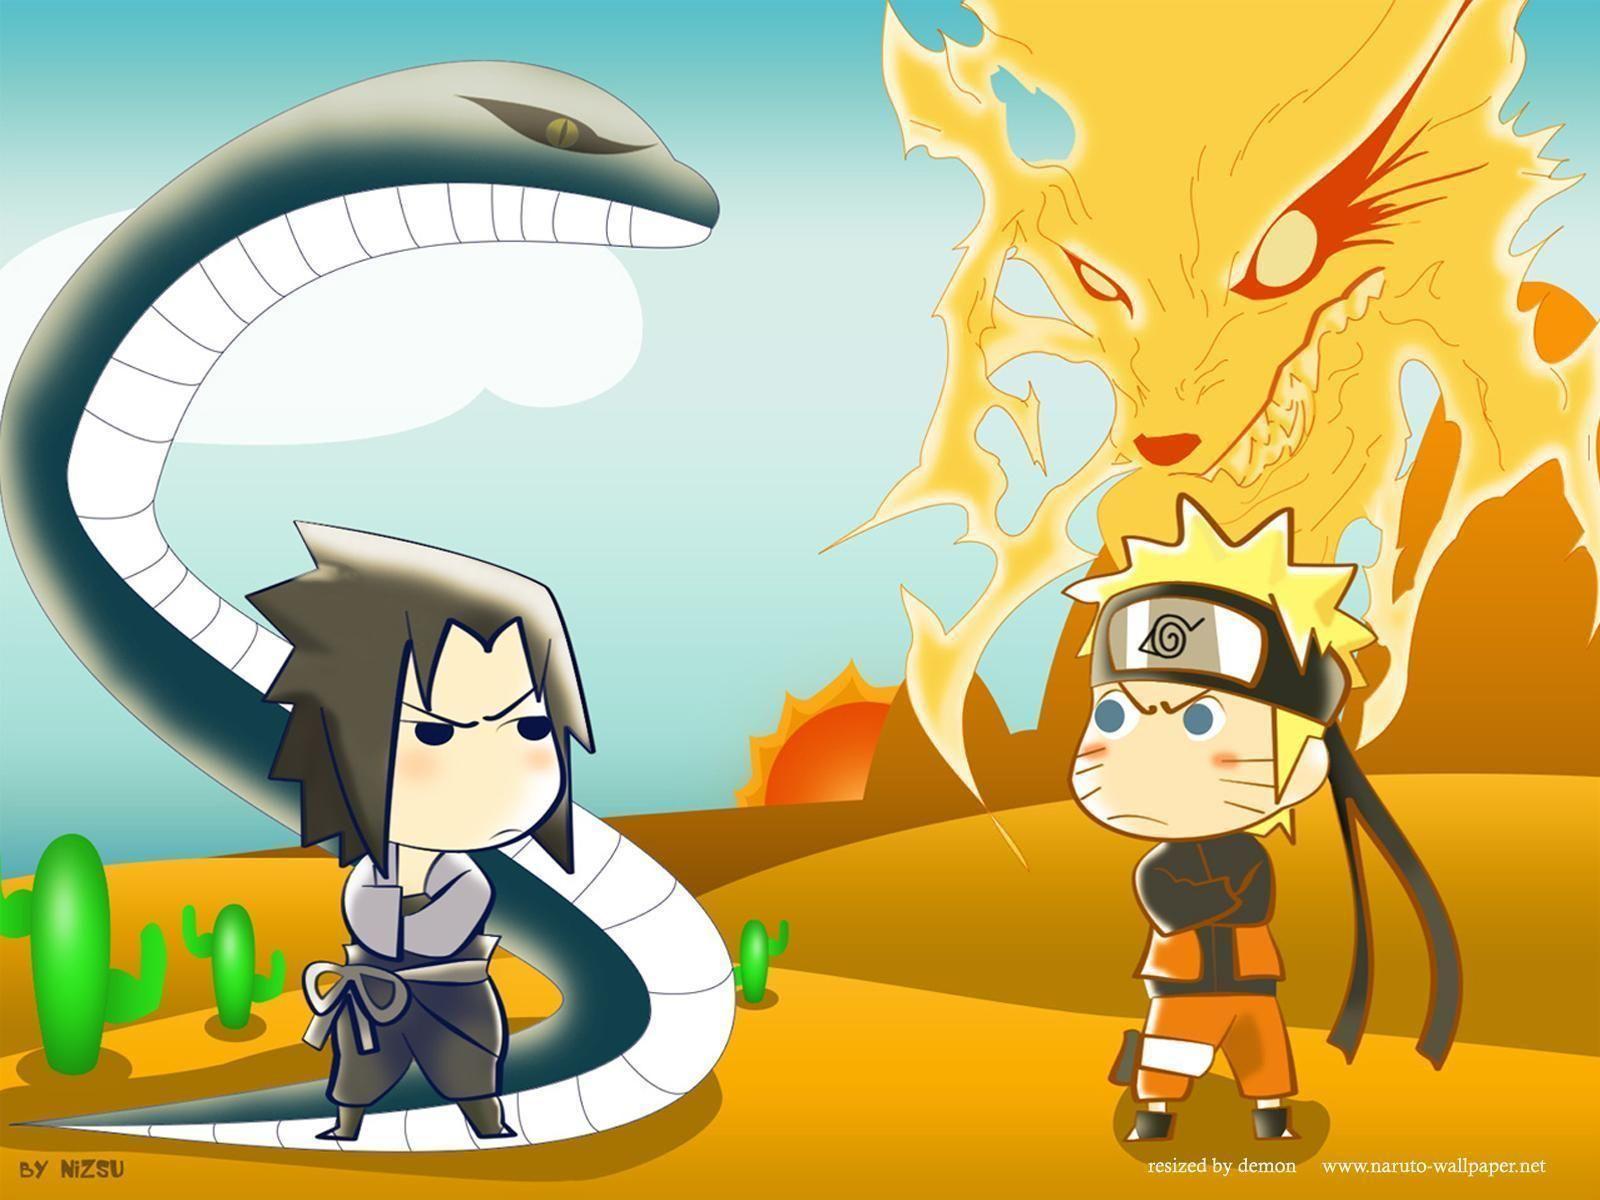 Download Wallpaper Animasi Naruto Bergerak Download Free Hd Wallpapers Gambar Kyubi Naruto Indonesiadalamtulisan Chibi Wallpaper Anime Chibi Naruto Wallpaper